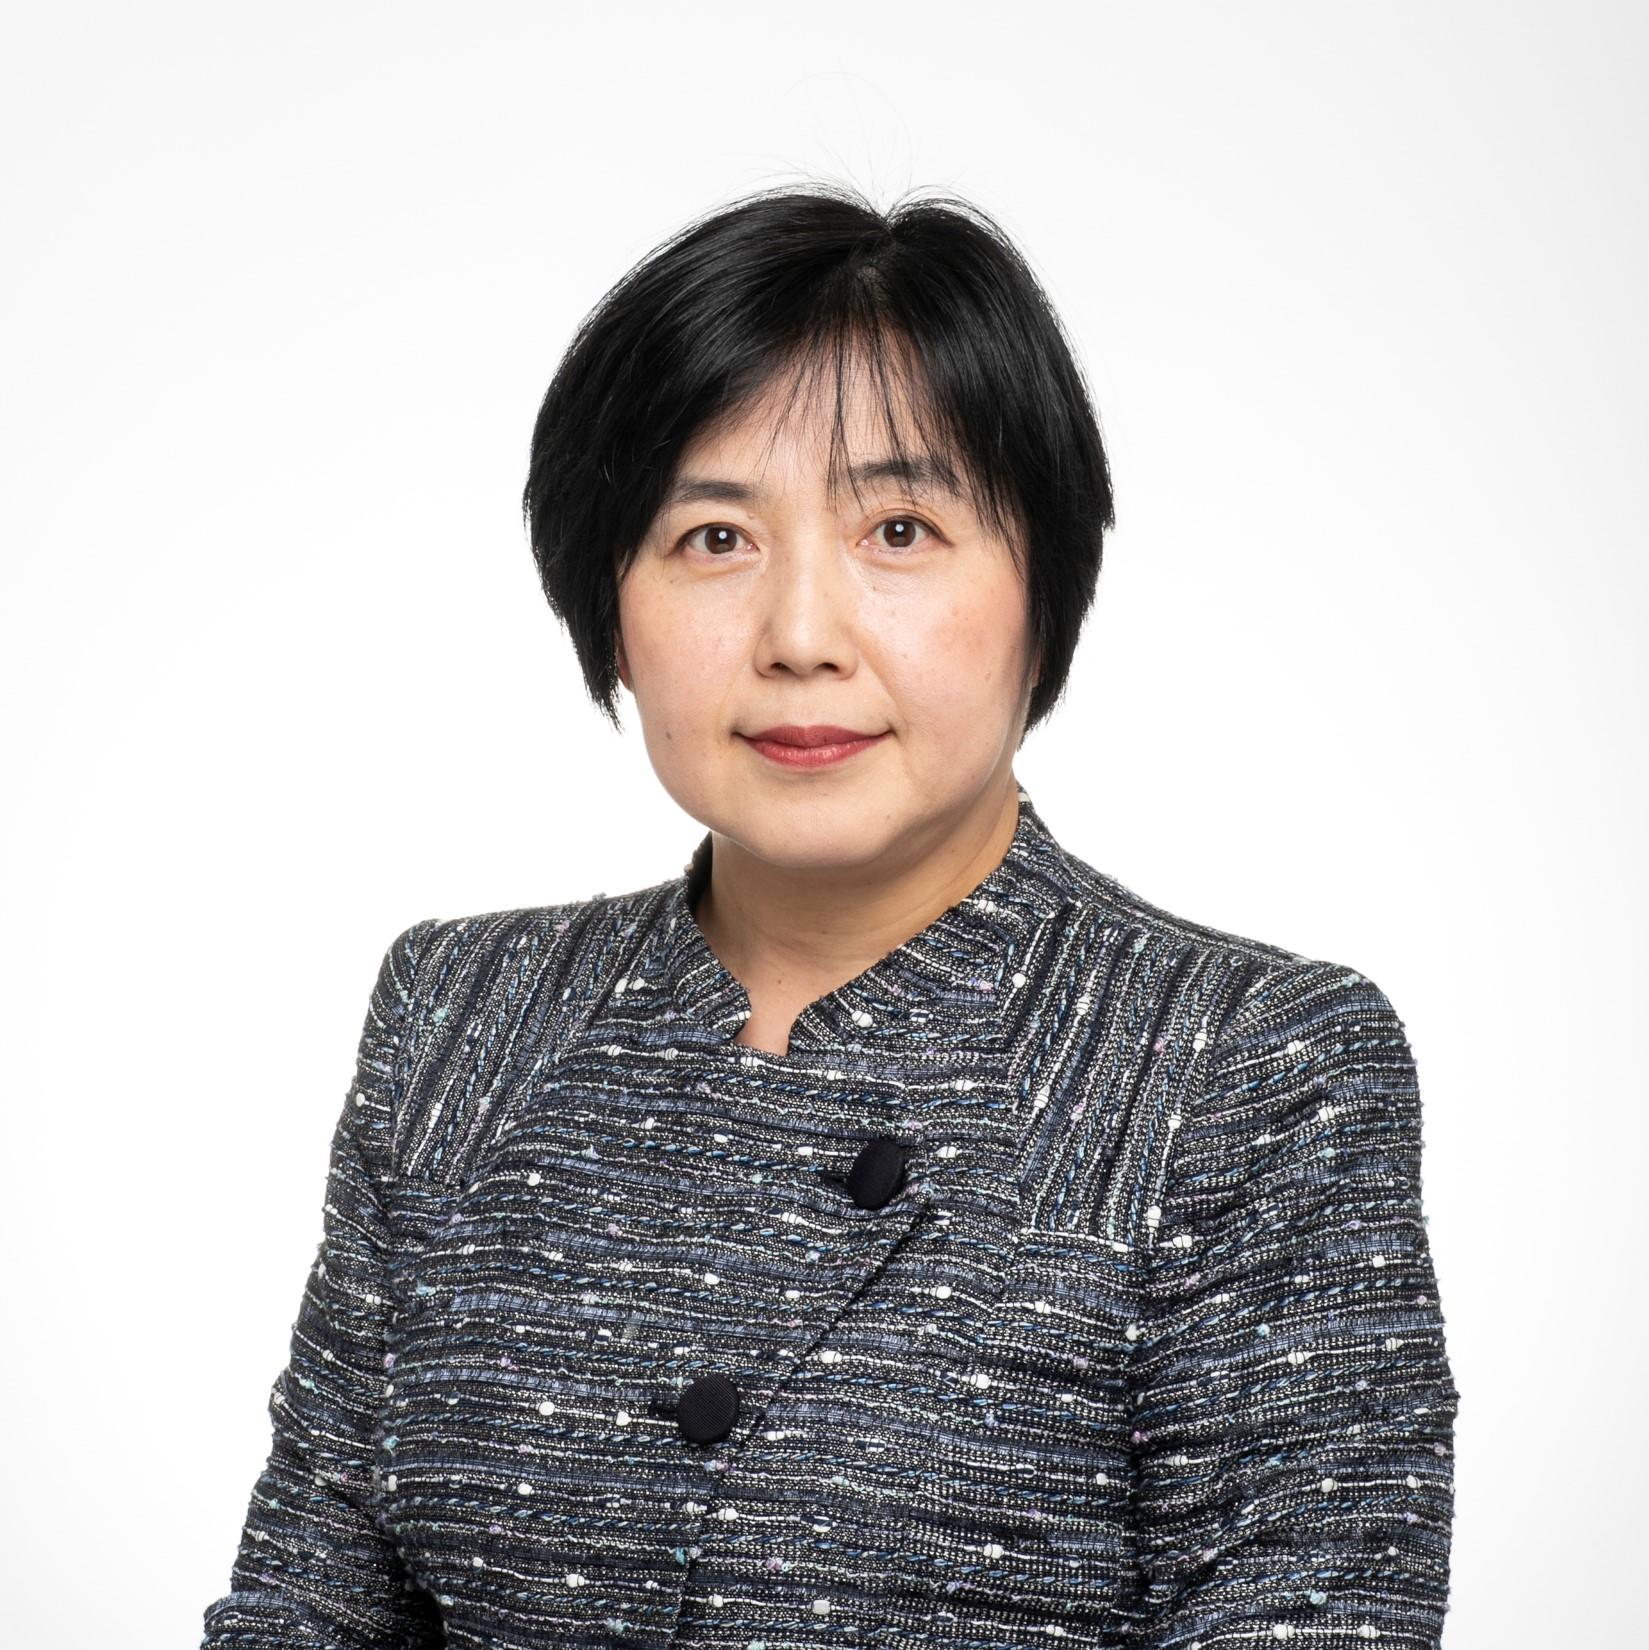 Shoko Chuma